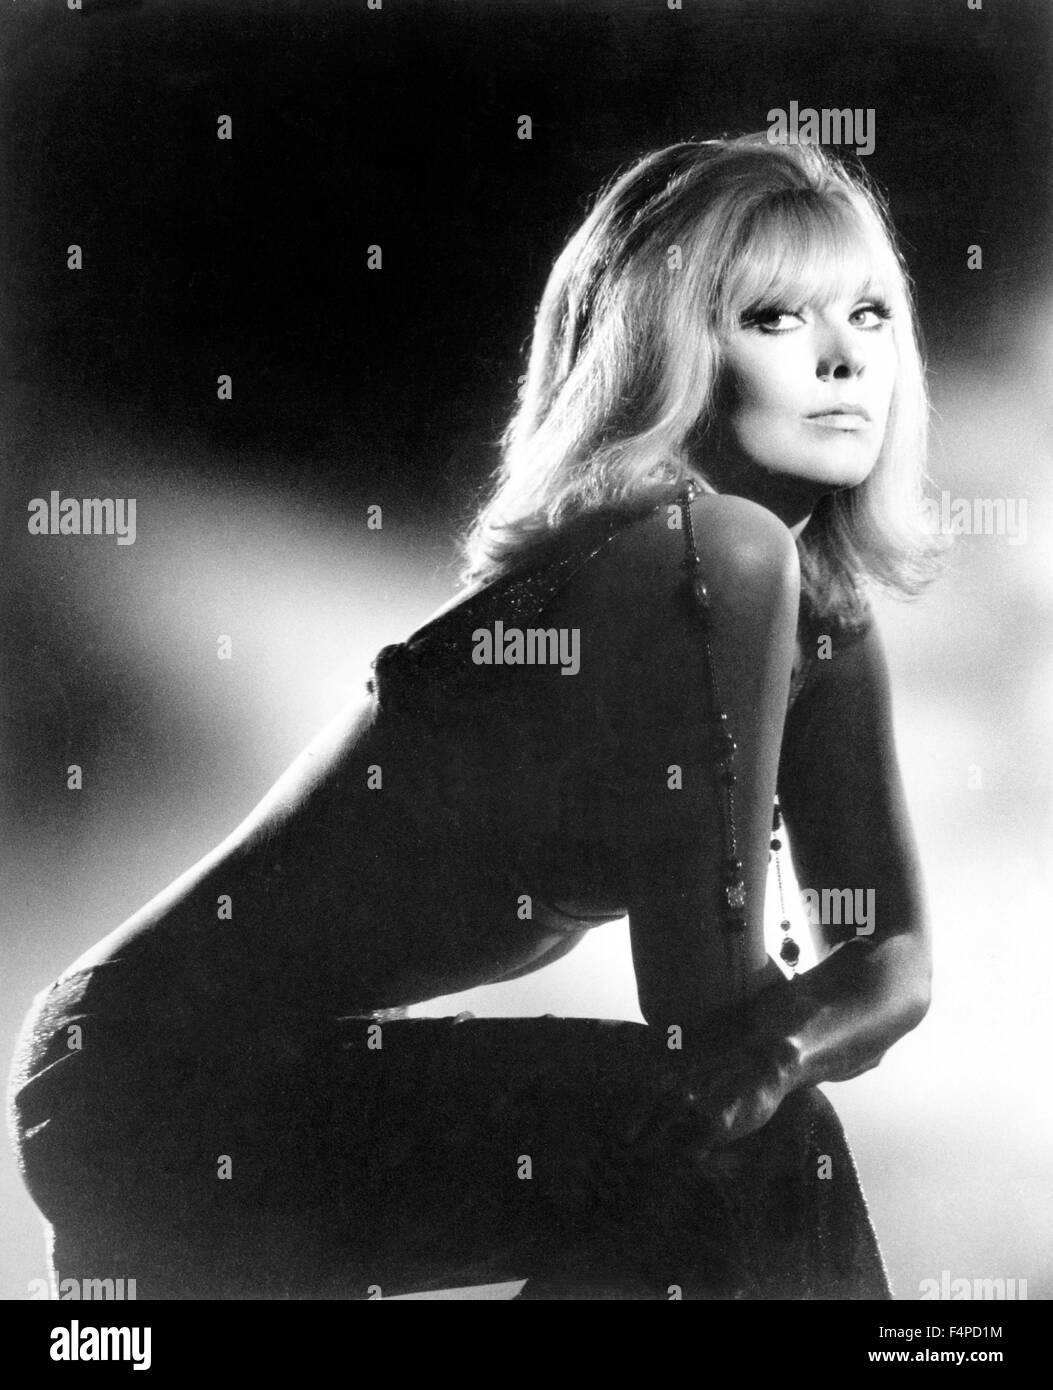 Kim Novak / La leggenda di Lylah Clare 1968 diretto da Robert Aldrich Immagini Stock